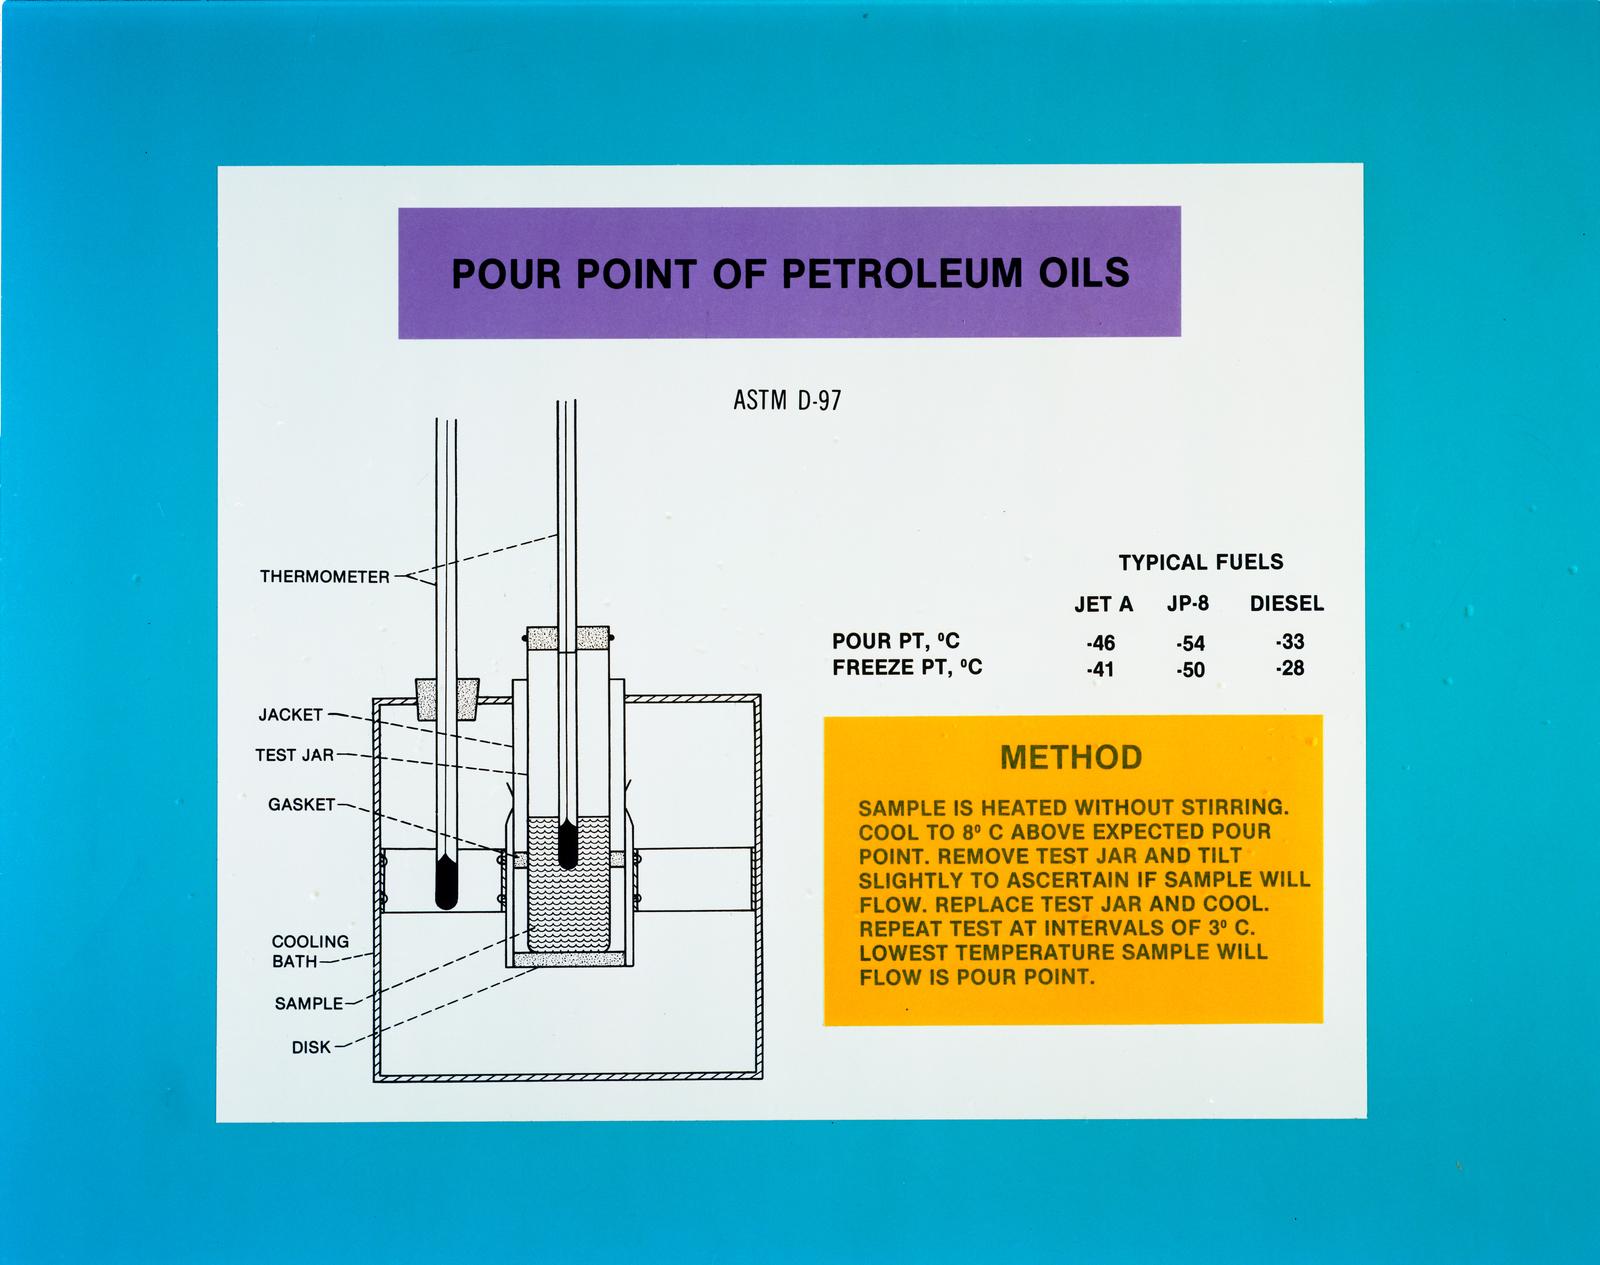 POUR POINT OF PETROLEUM OILS